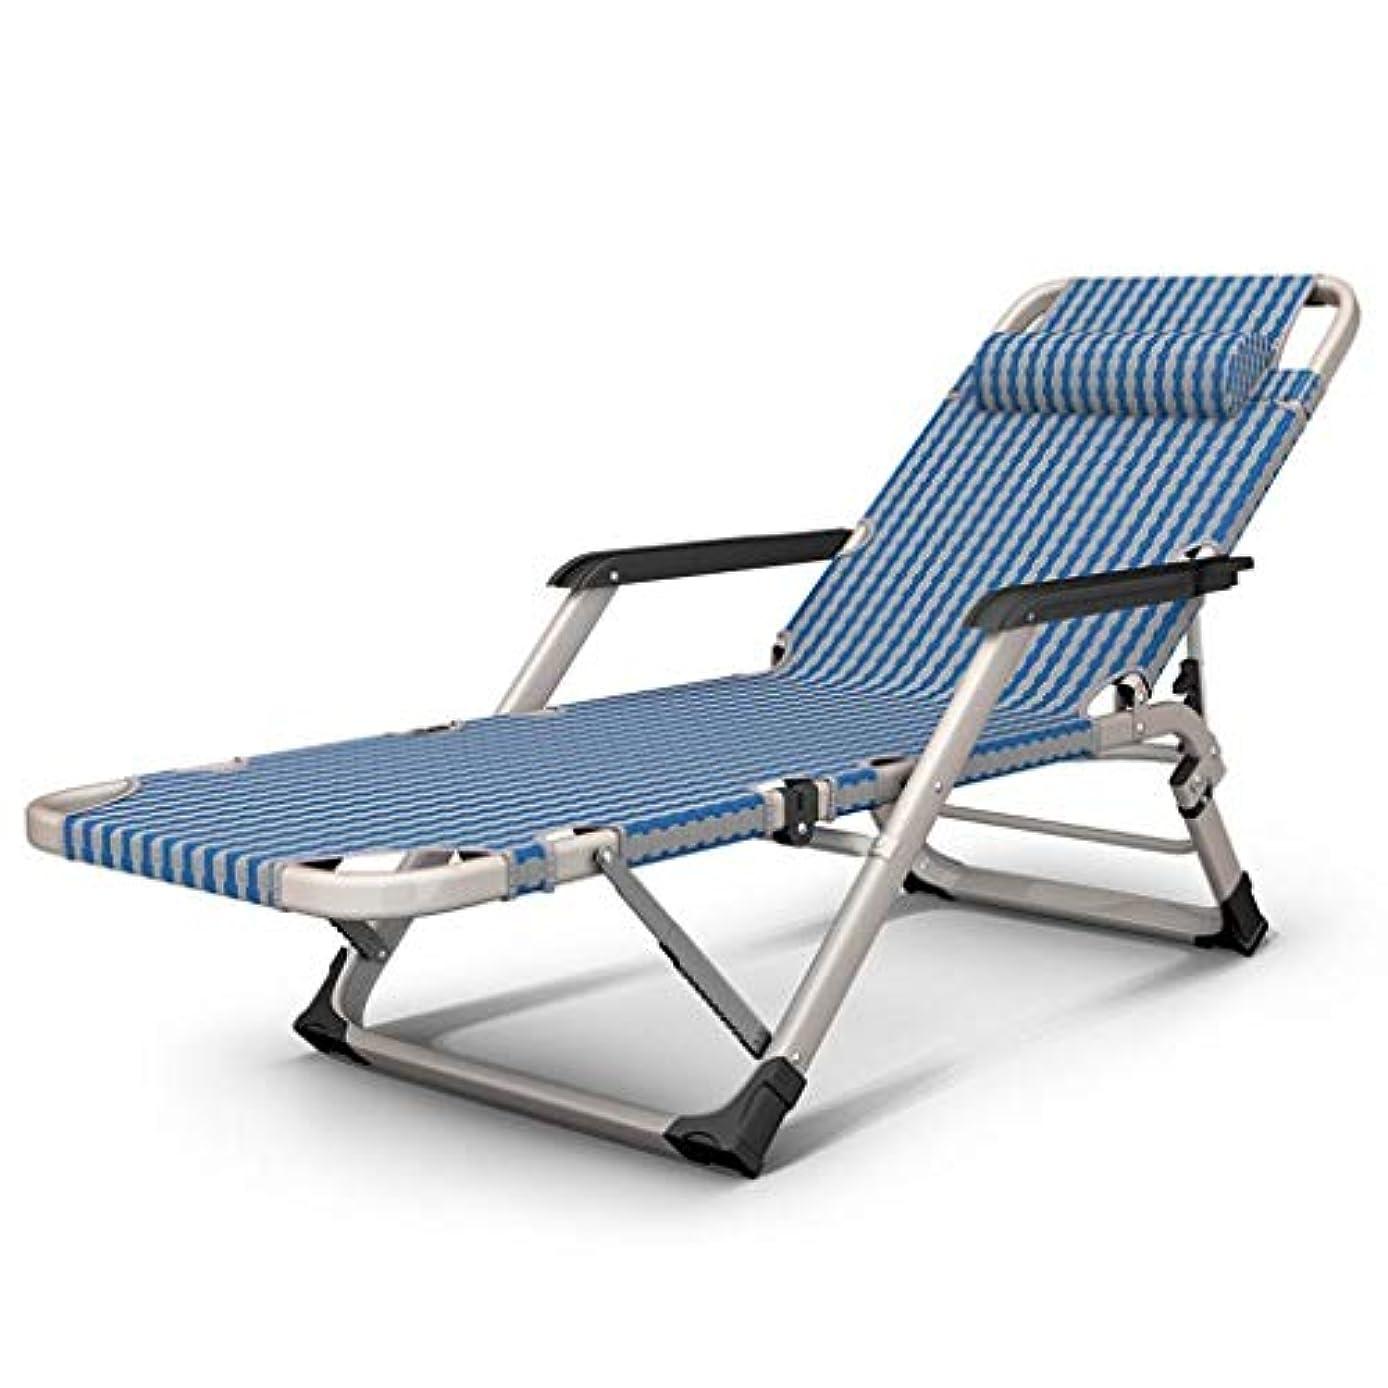 許さない蛇行貫入ファッションサンラウンジャーデッキチェア夏のオフィスランチブレイク仮眠ベッド折りたたみシングルアダルトベッド付き便利な省スペース